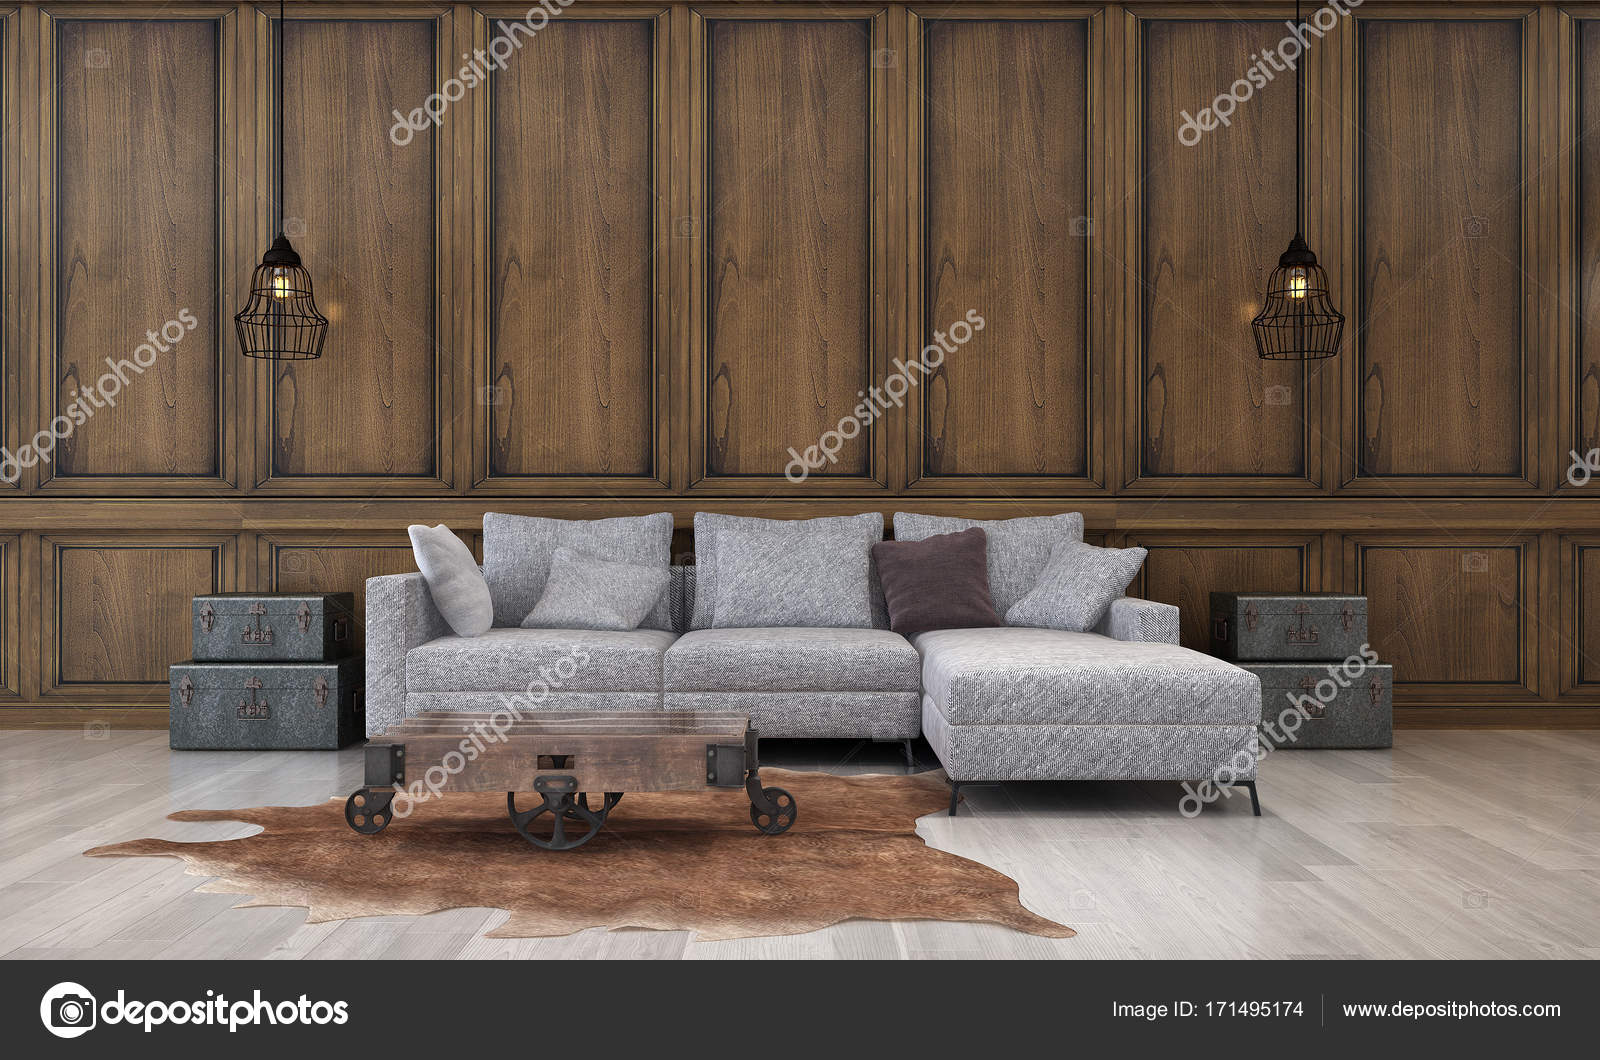 Het interieur design concept idee van luxe woonkamer en hout patroon ...